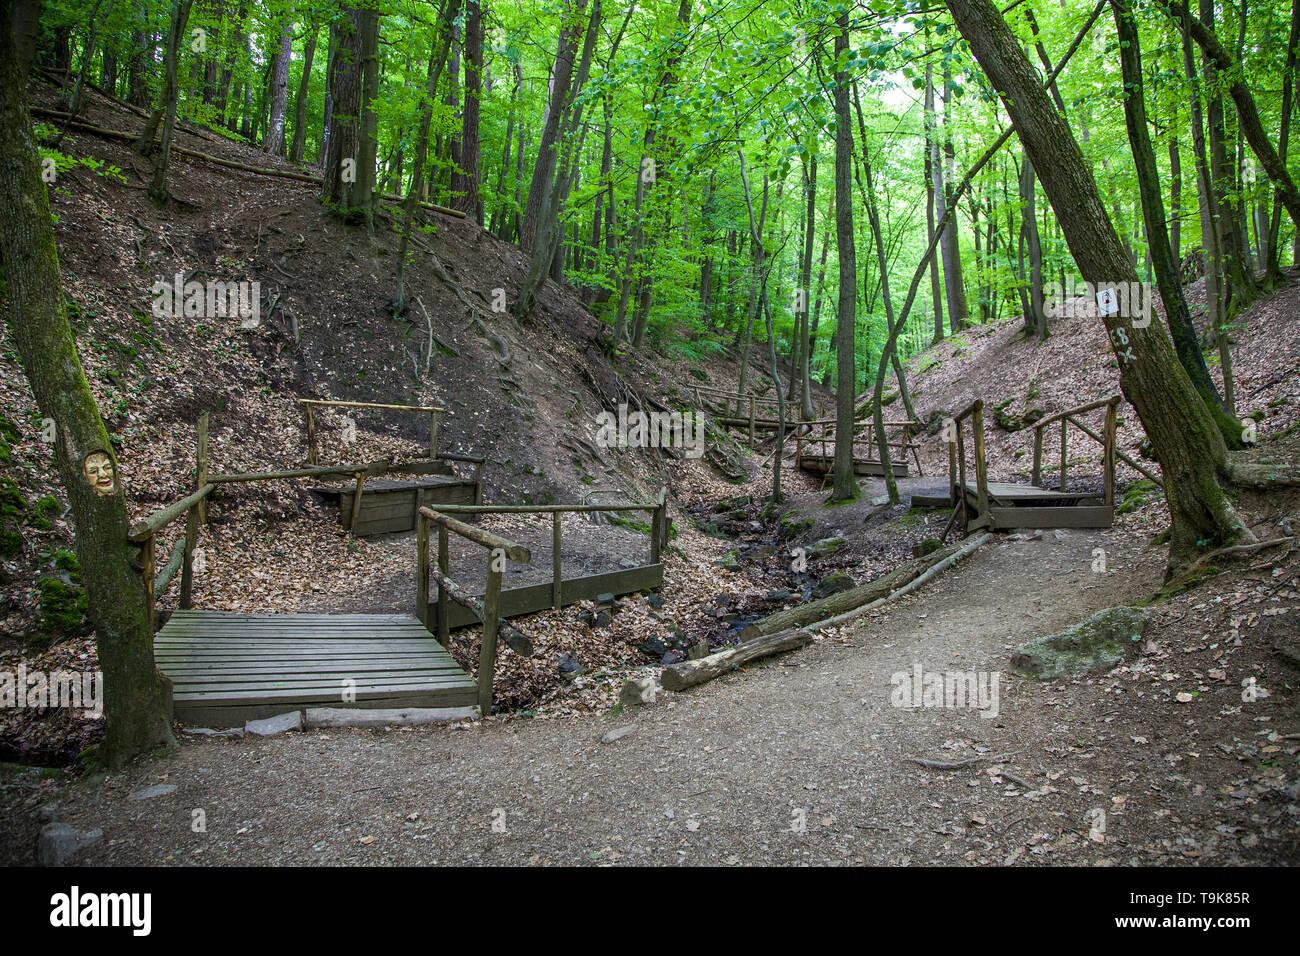 Wooden bridges over the stream Hasselbach at hiker trail Steckeschlääfer-Klamm, Binger forest, Bingen on the Rhine, Rhineland-Palatinate, Germany Stock Photo